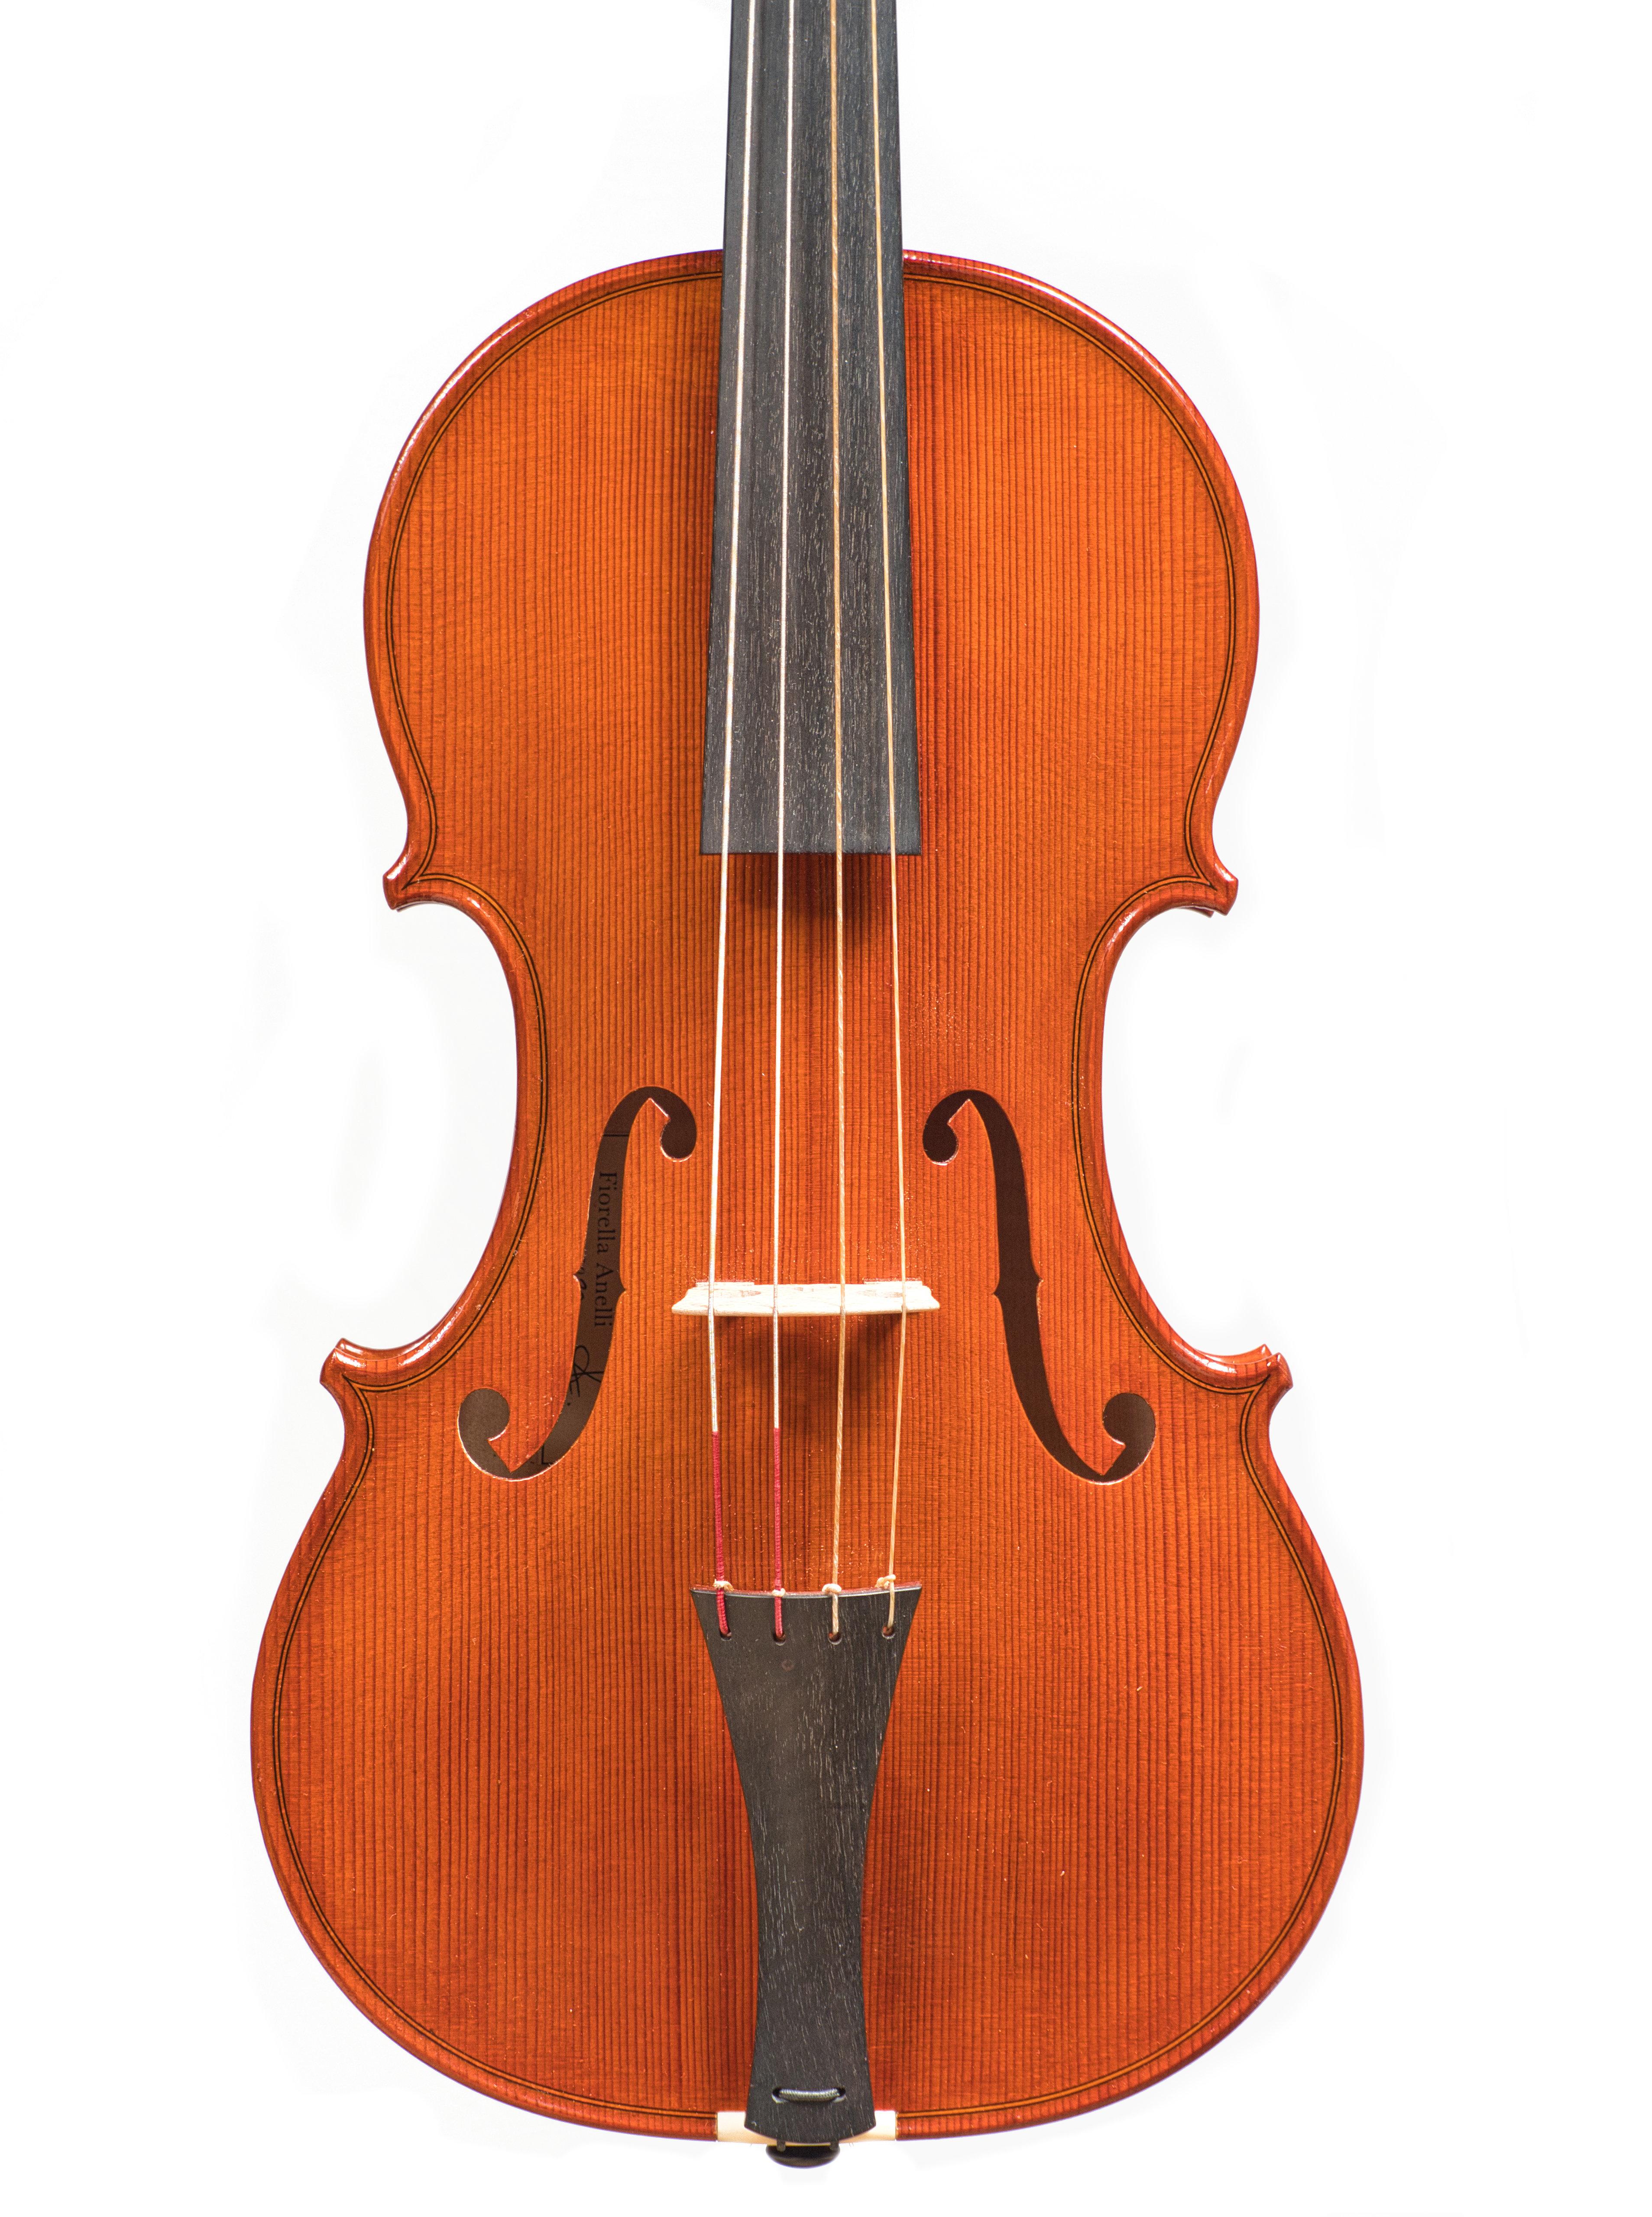 Baroque Violin by Fiorella Anelli, 2020